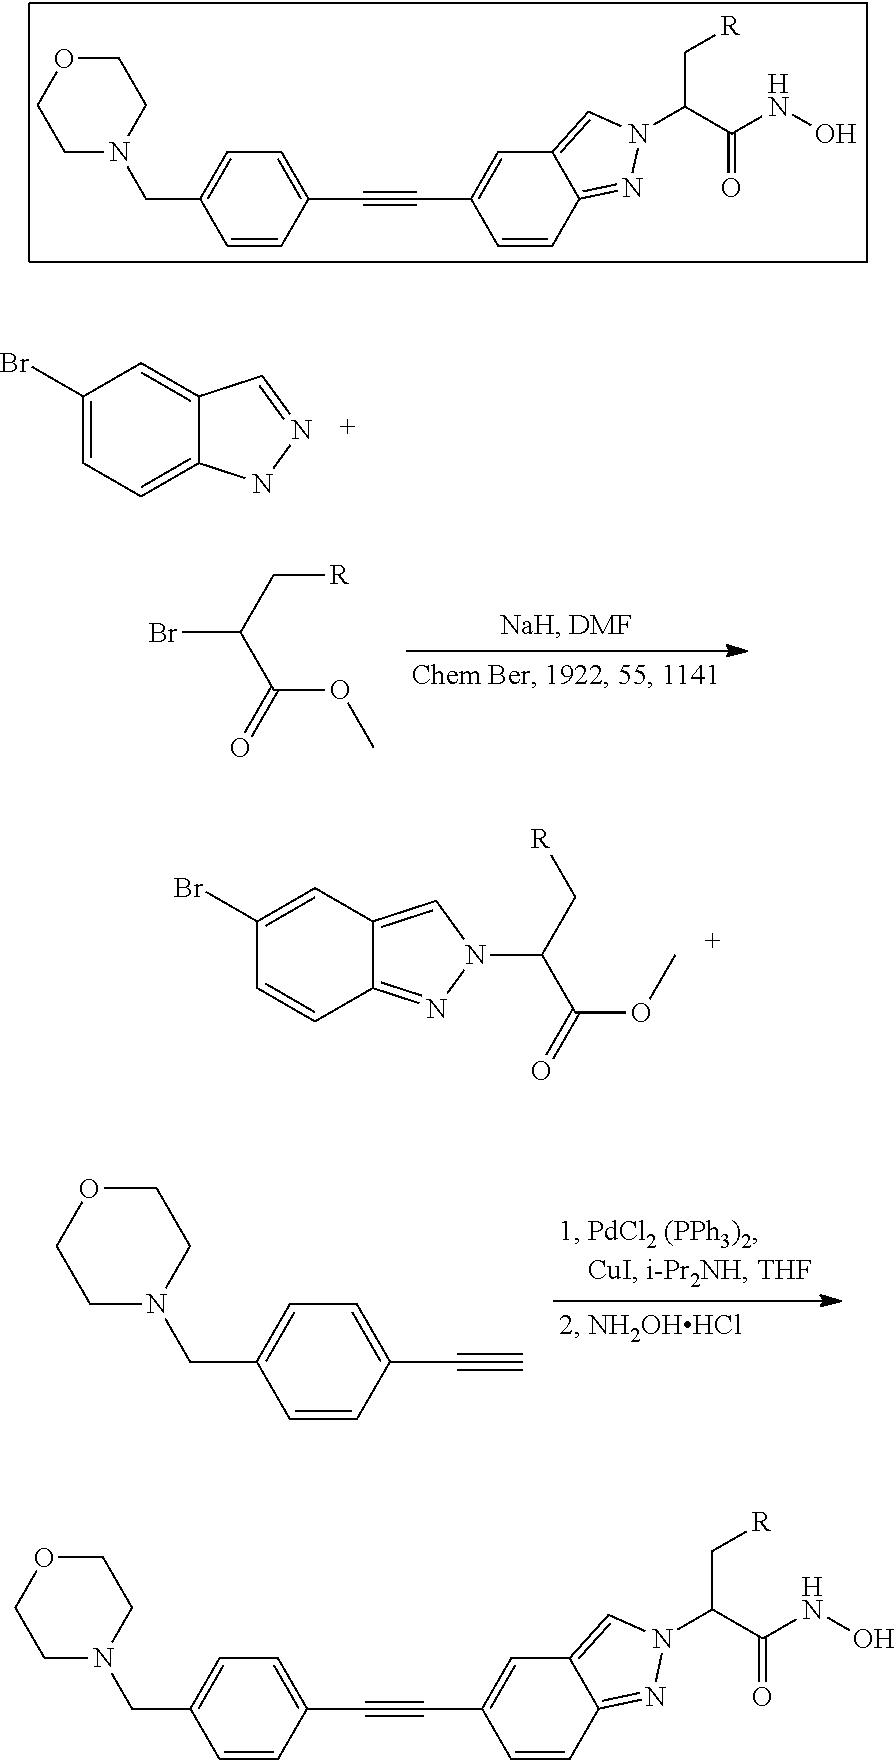 Figure US09617256-20170411-C00127